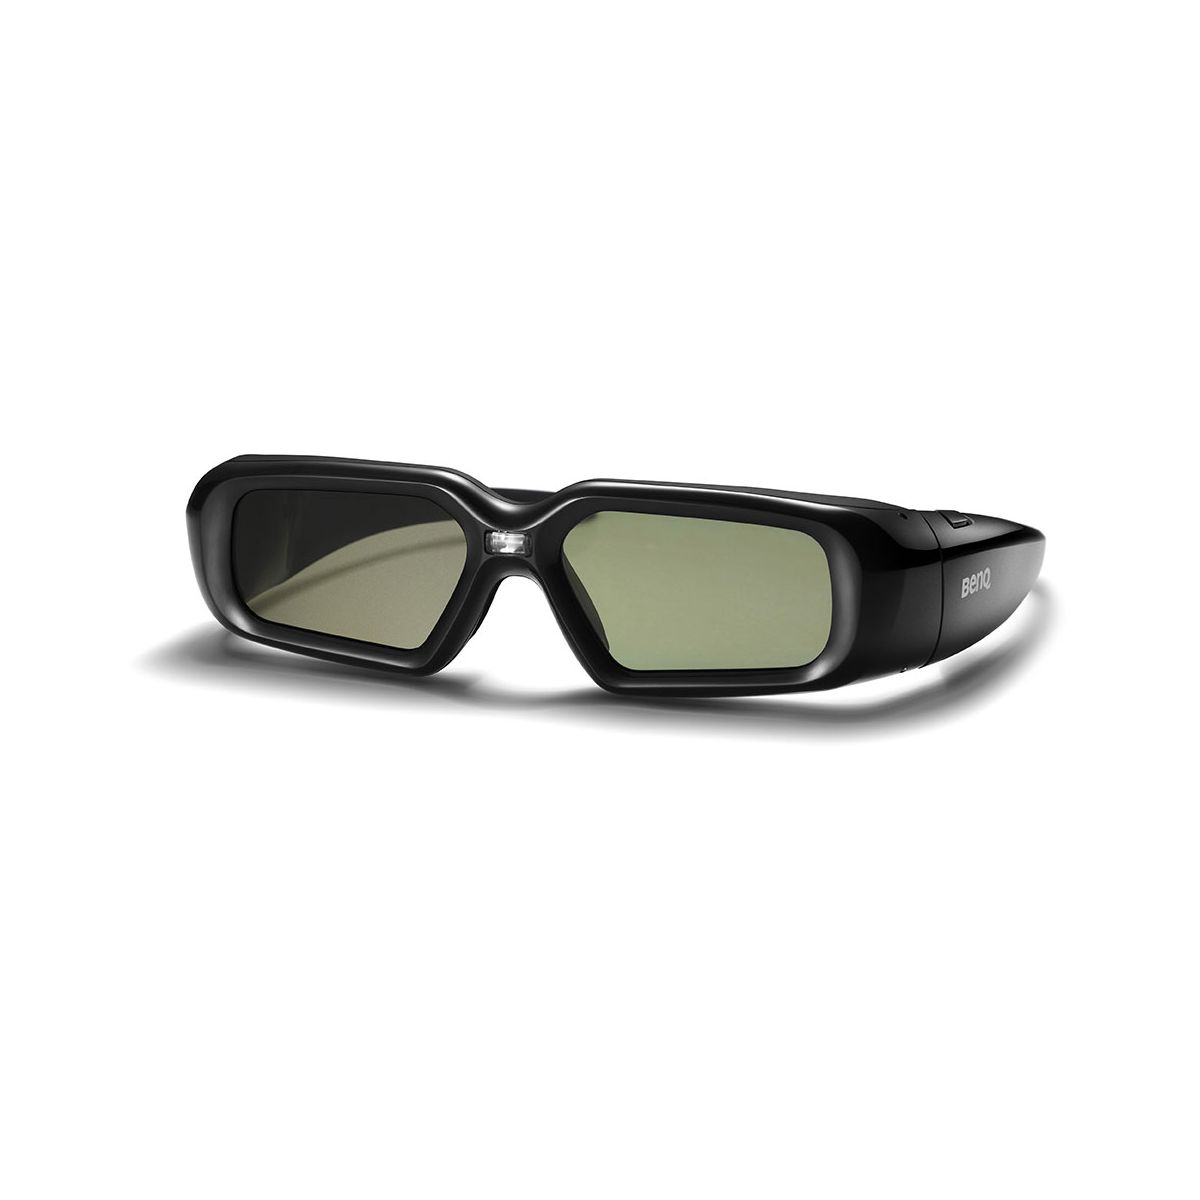 Accessoire benq lunettes 3d - livraison offerte : code livdom (photo)